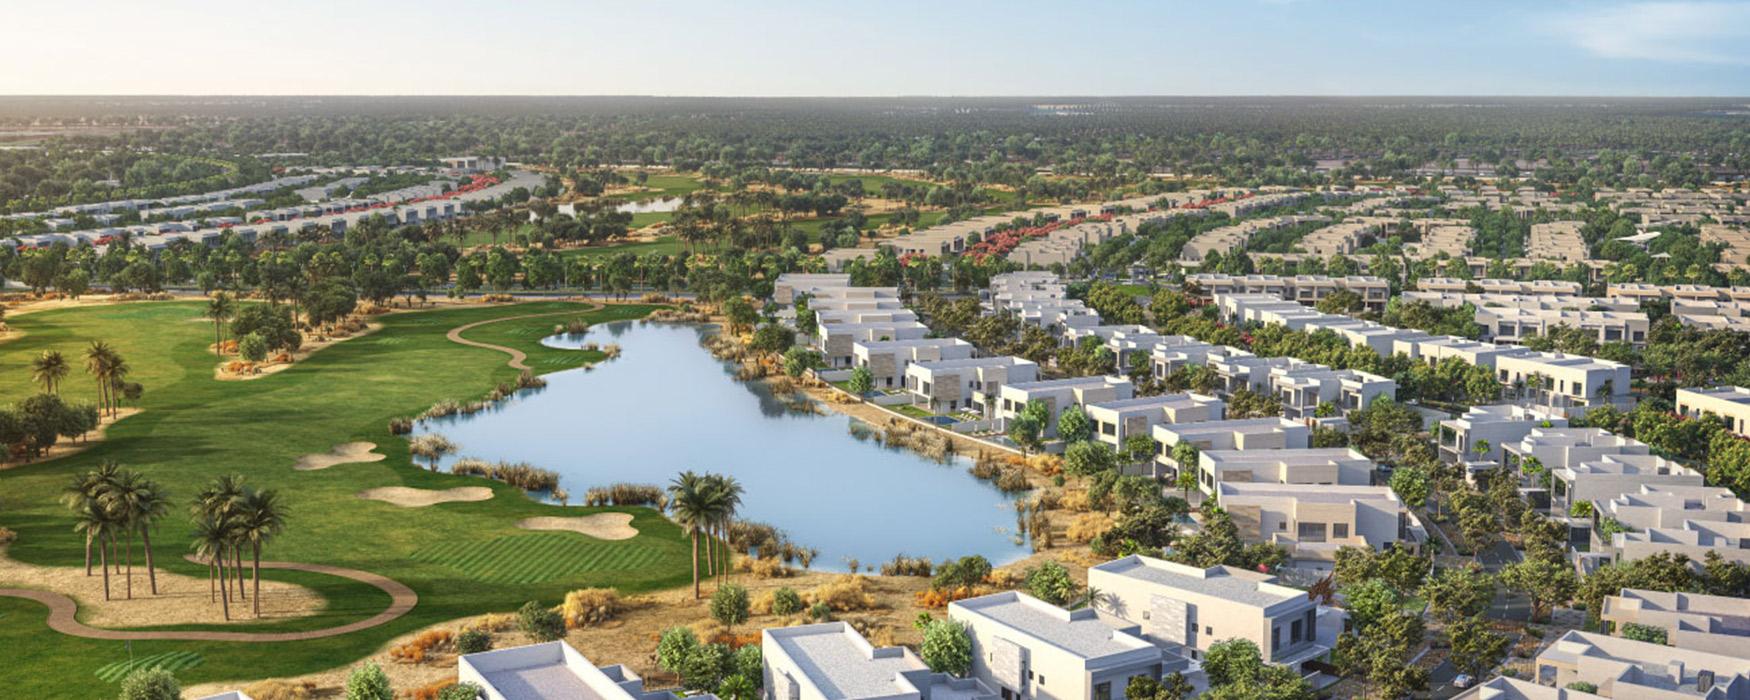 yas acres villas